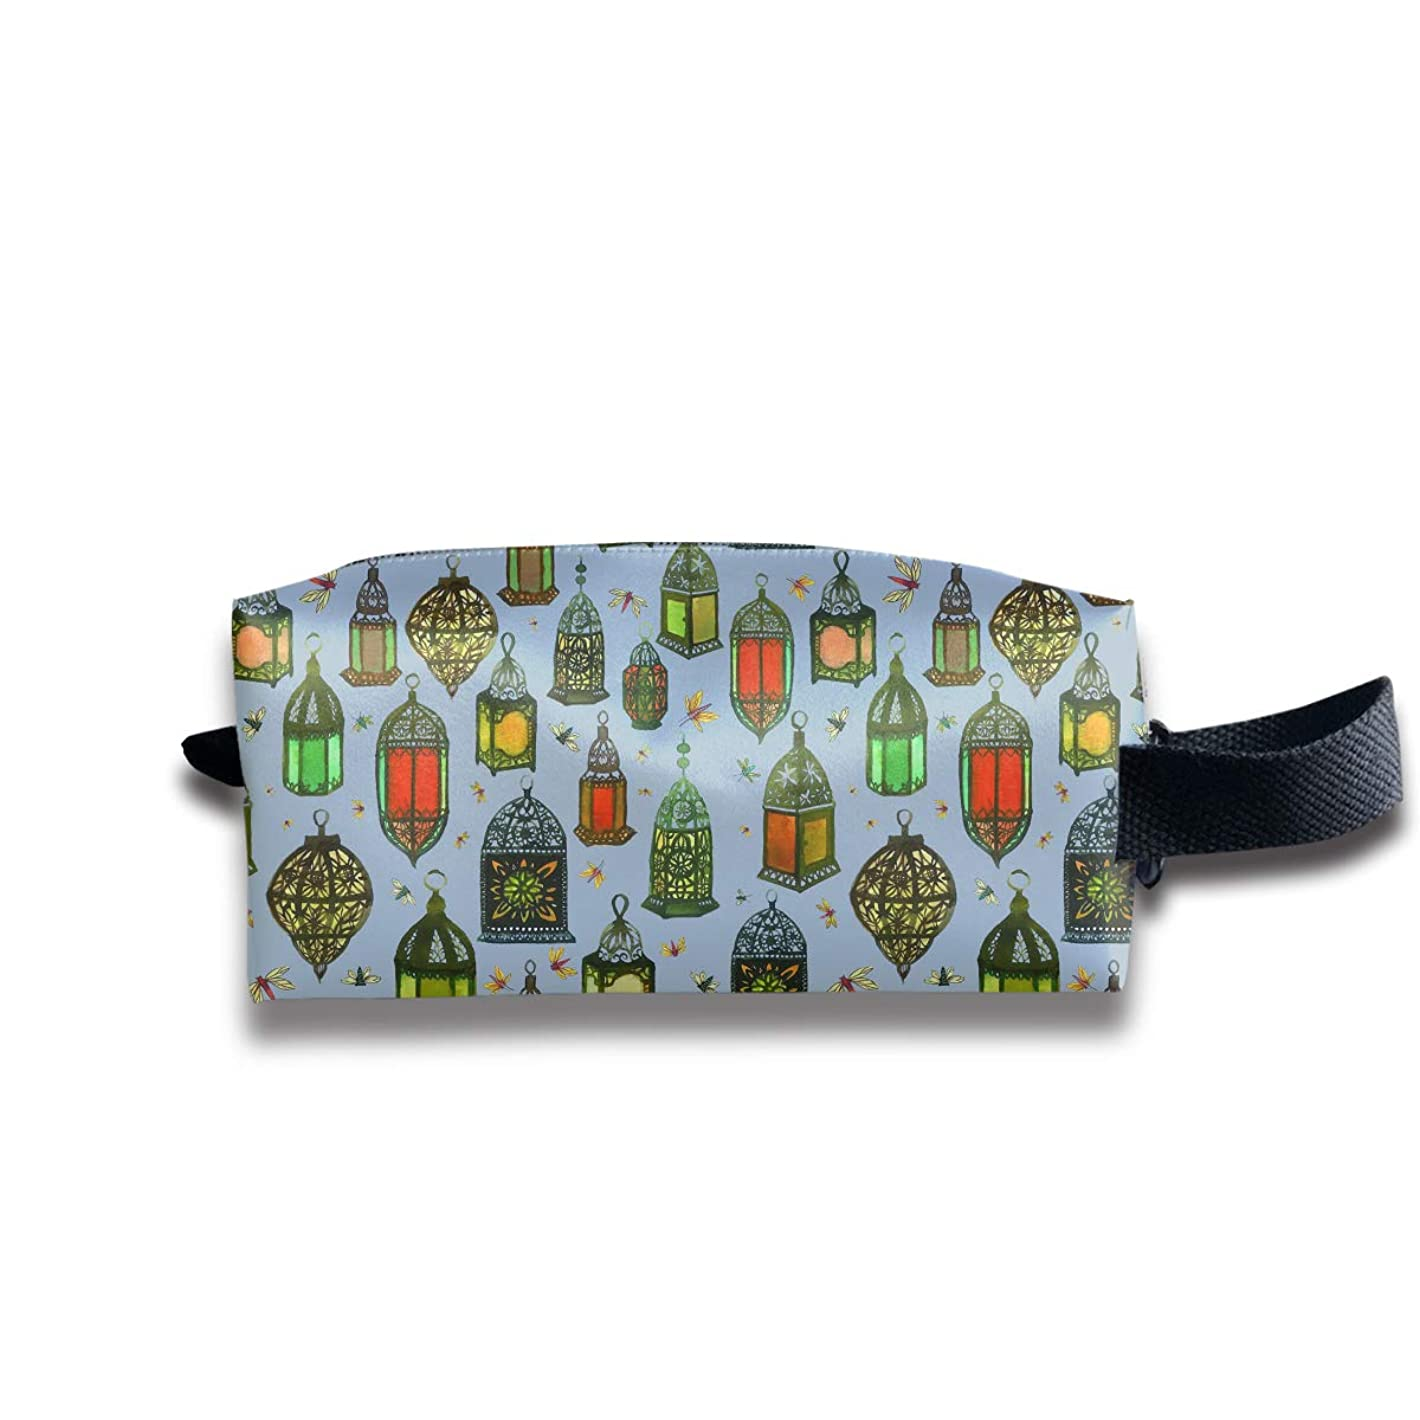 コイルラオス人ポルティコ携帯用化粧ポーチ 旅行コスメ収納ケース トイレタリーバッグ ランタンパターン メイクポーチ ハンドバッグ 化粧品 鍵 小物入れ 軽量